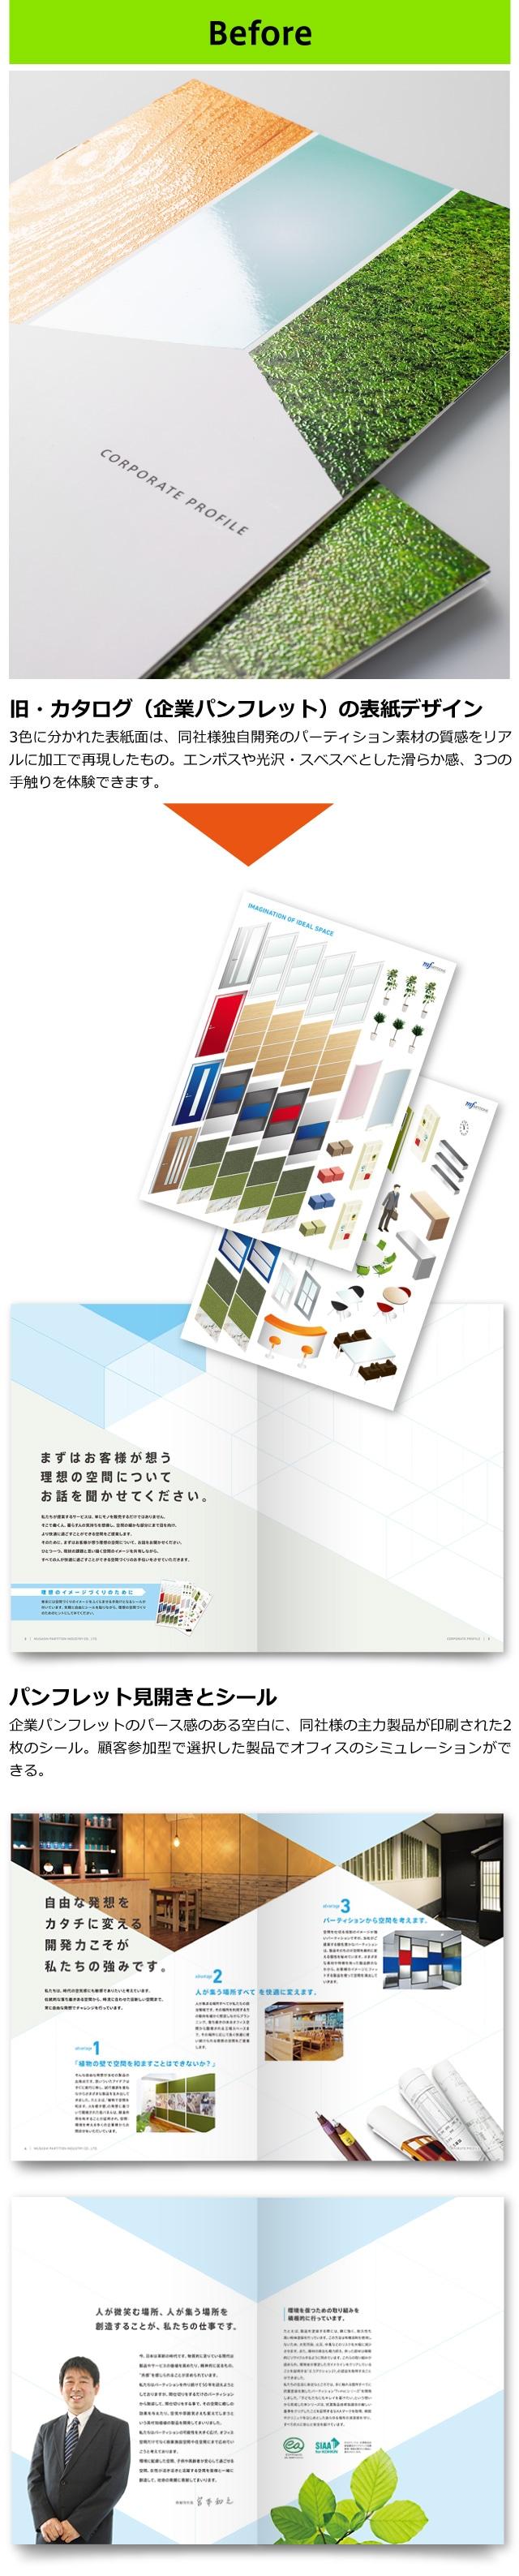 旧・カタログ(企業パンフレット)